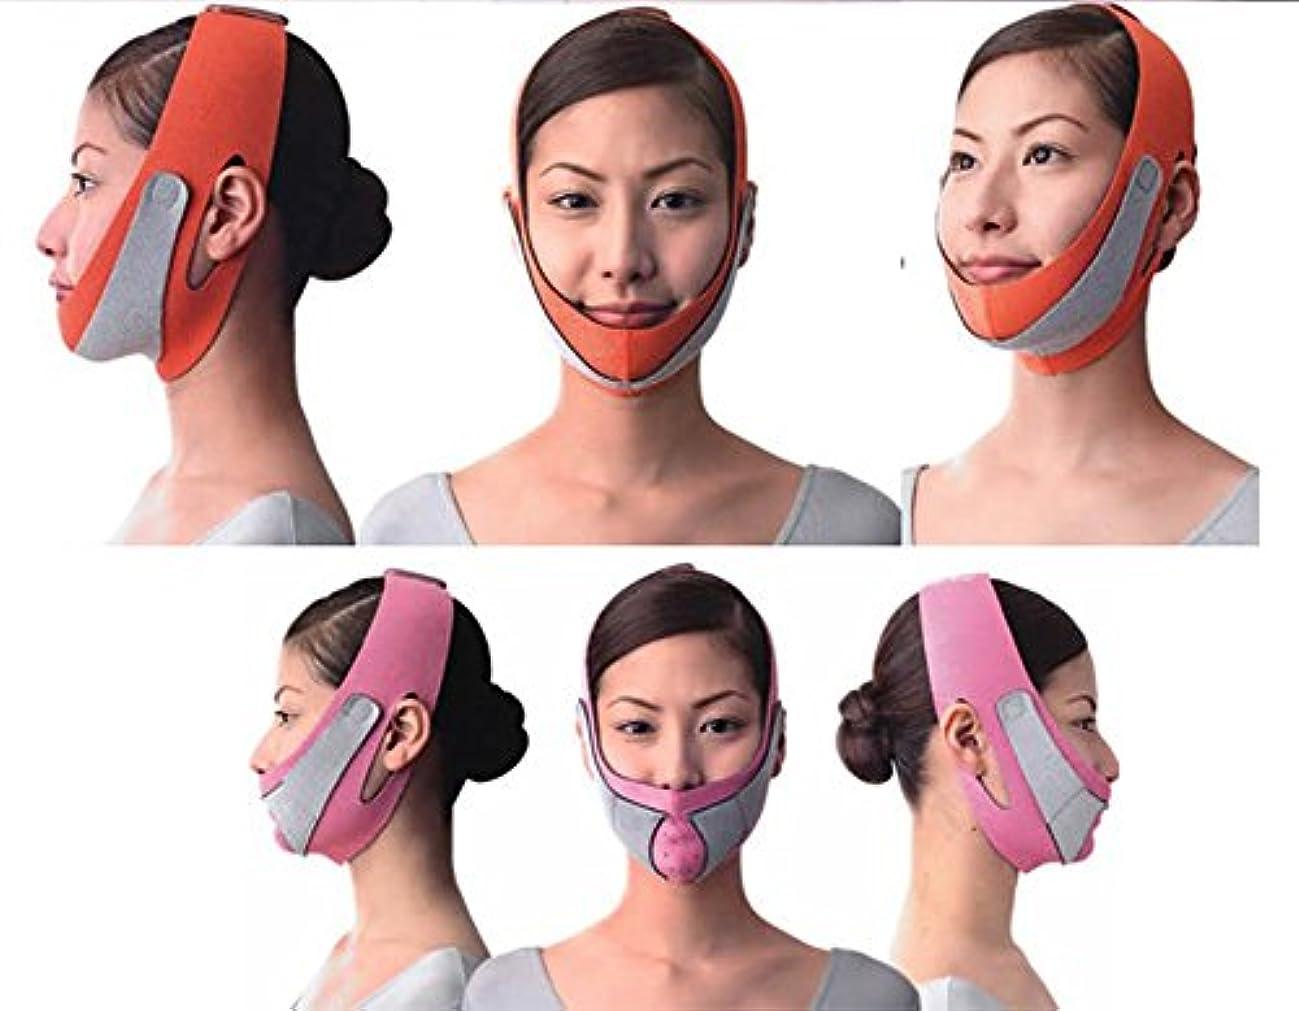 ロードされた不完全なシール引き上げマスク 頬のたるみ 額、顎下、頬リフトアップ ピンク グレー 弾力V-ラインマスク 引っ張る リフティング フェイス リフトスリムマスク 美容 フェイスマスク